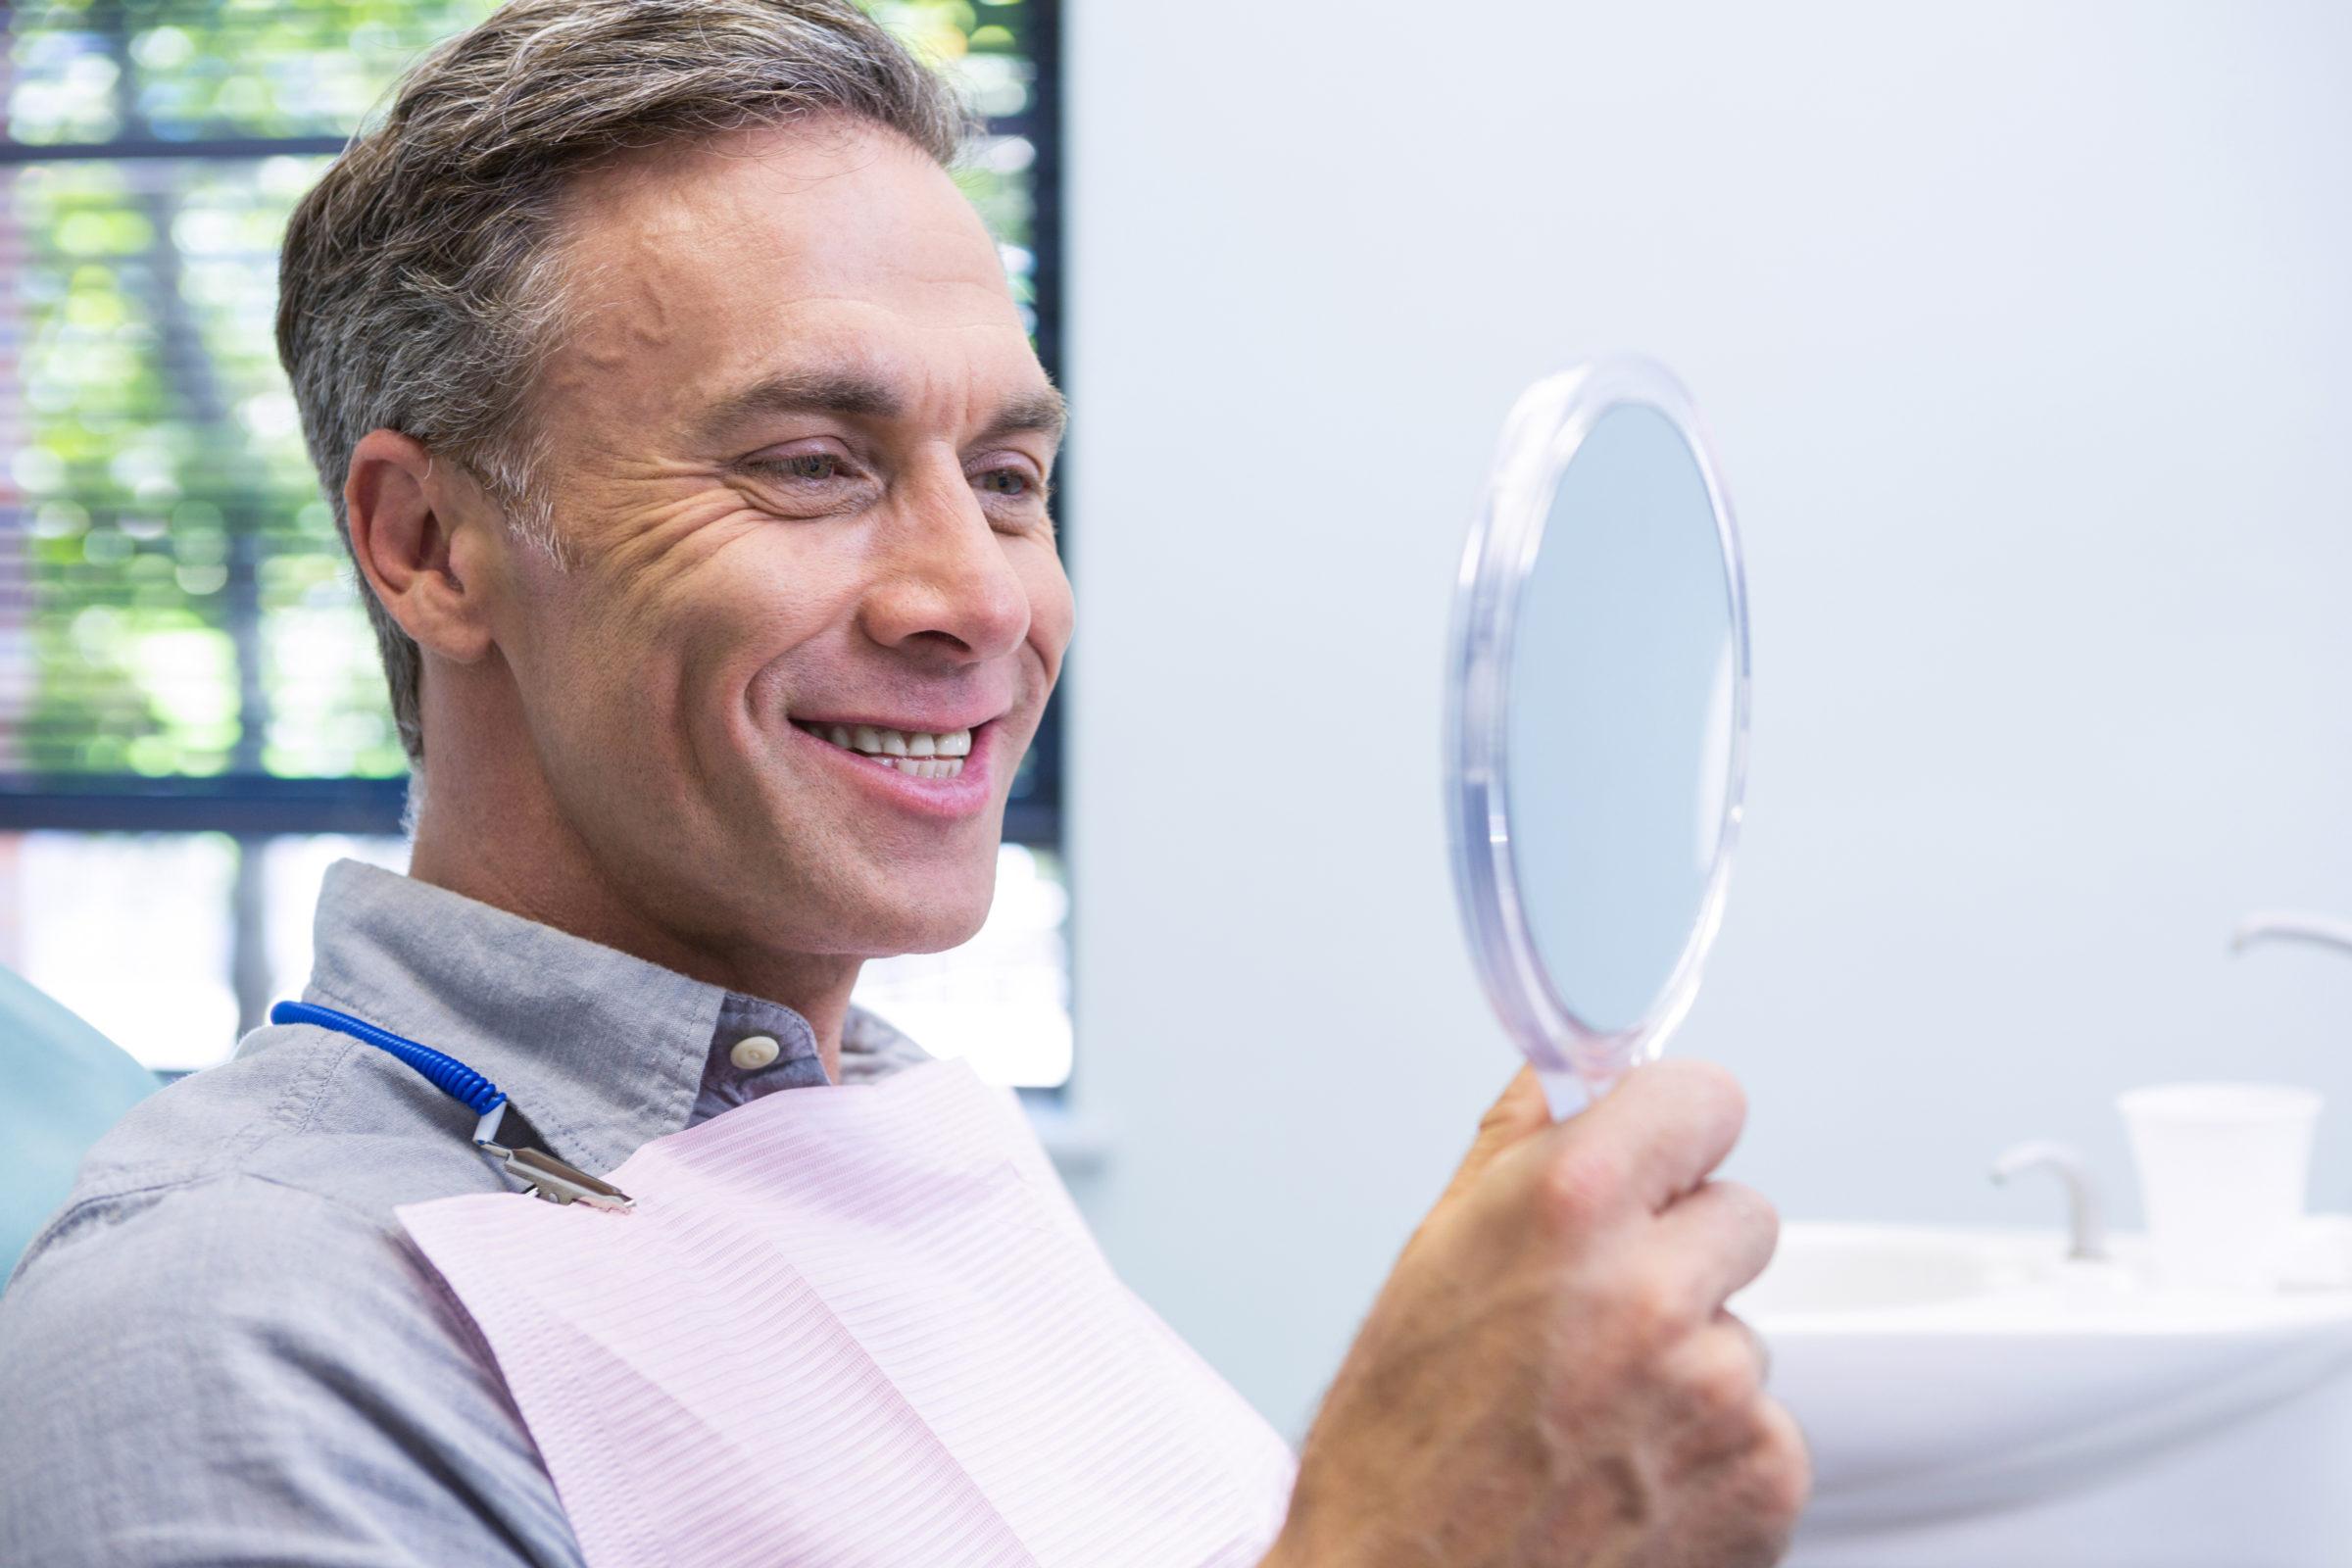 portrait of smiling man looking in mirror Z48RRTA